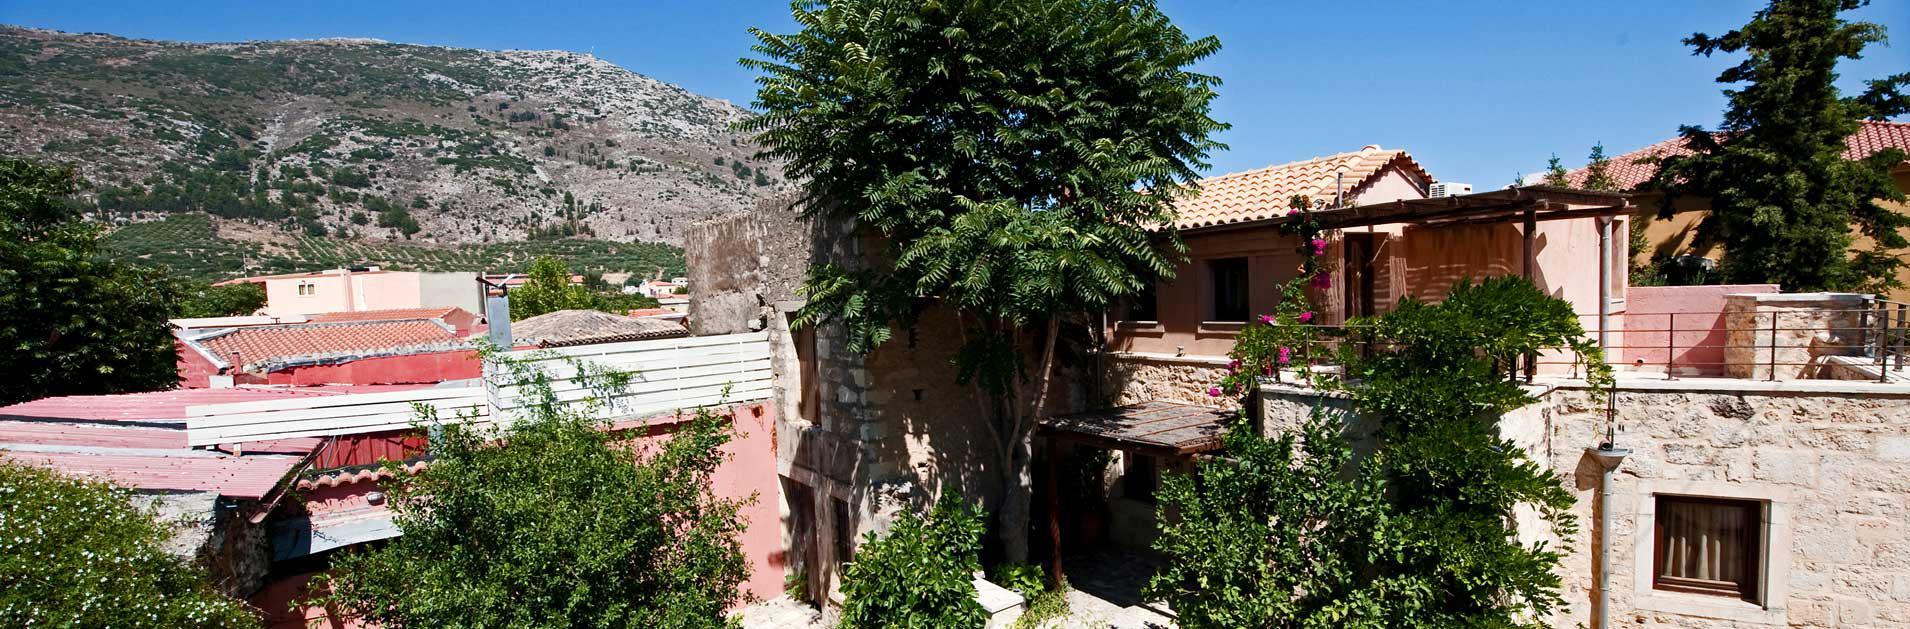 Villa Avra - Kalimera Archanes